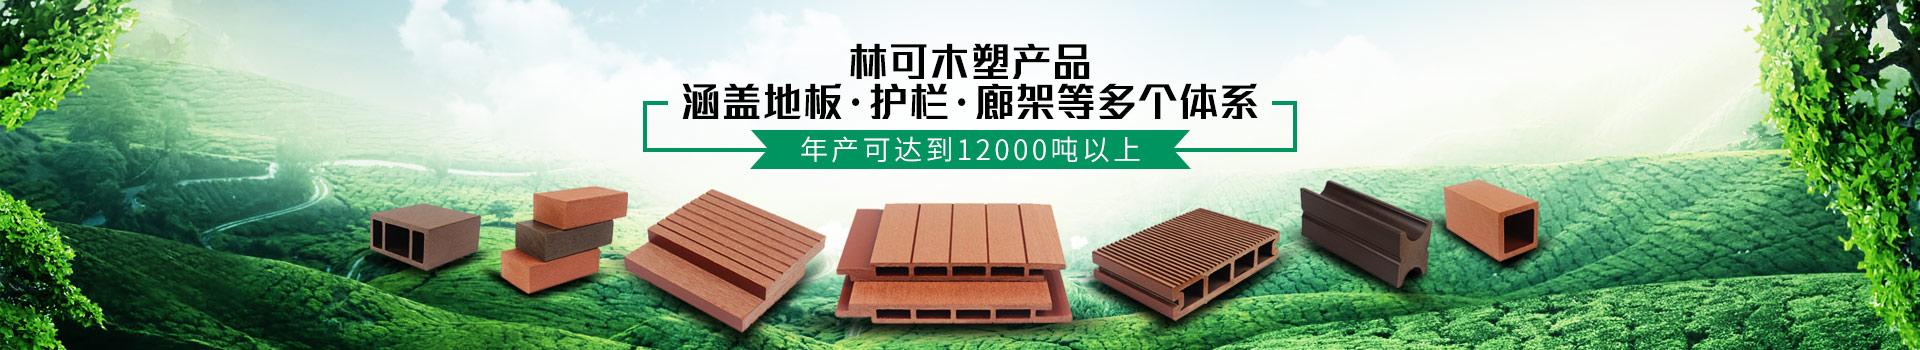 林可木塑产品涵盖地板、护栏、廊架等多个体系,年产可达到12000吨以上